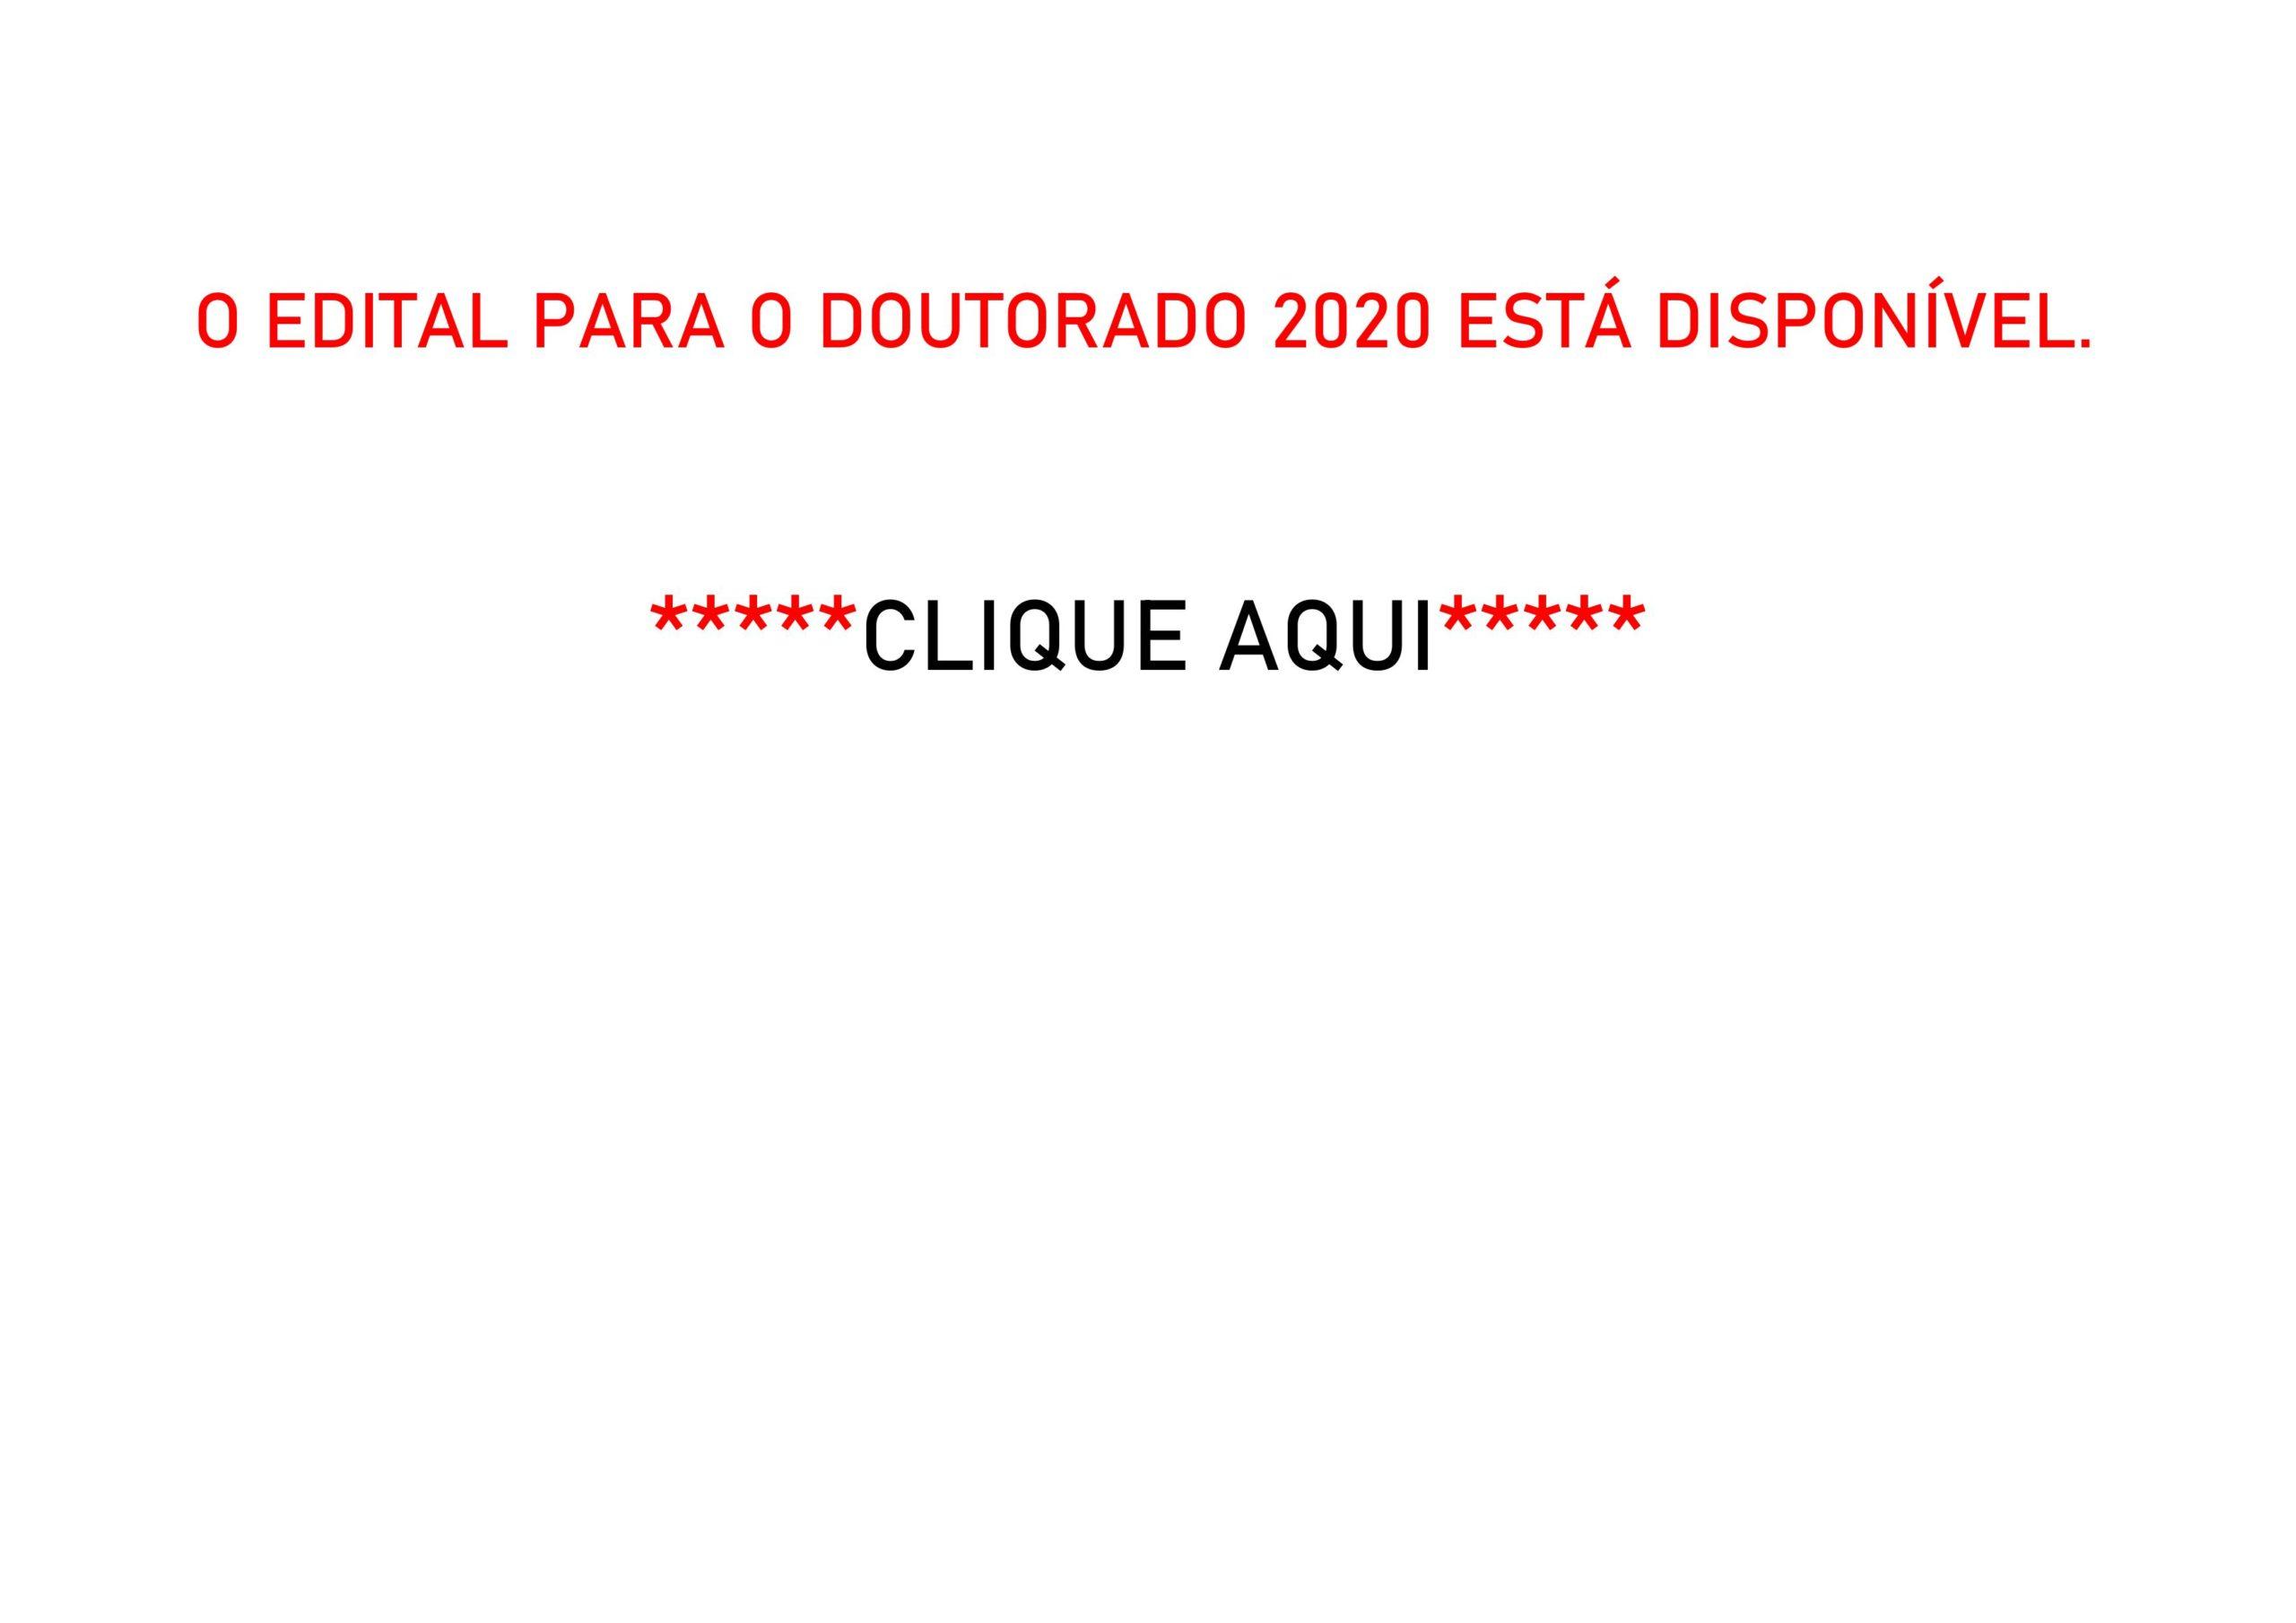 O Edital para o Doutorado 2020 está disponível.